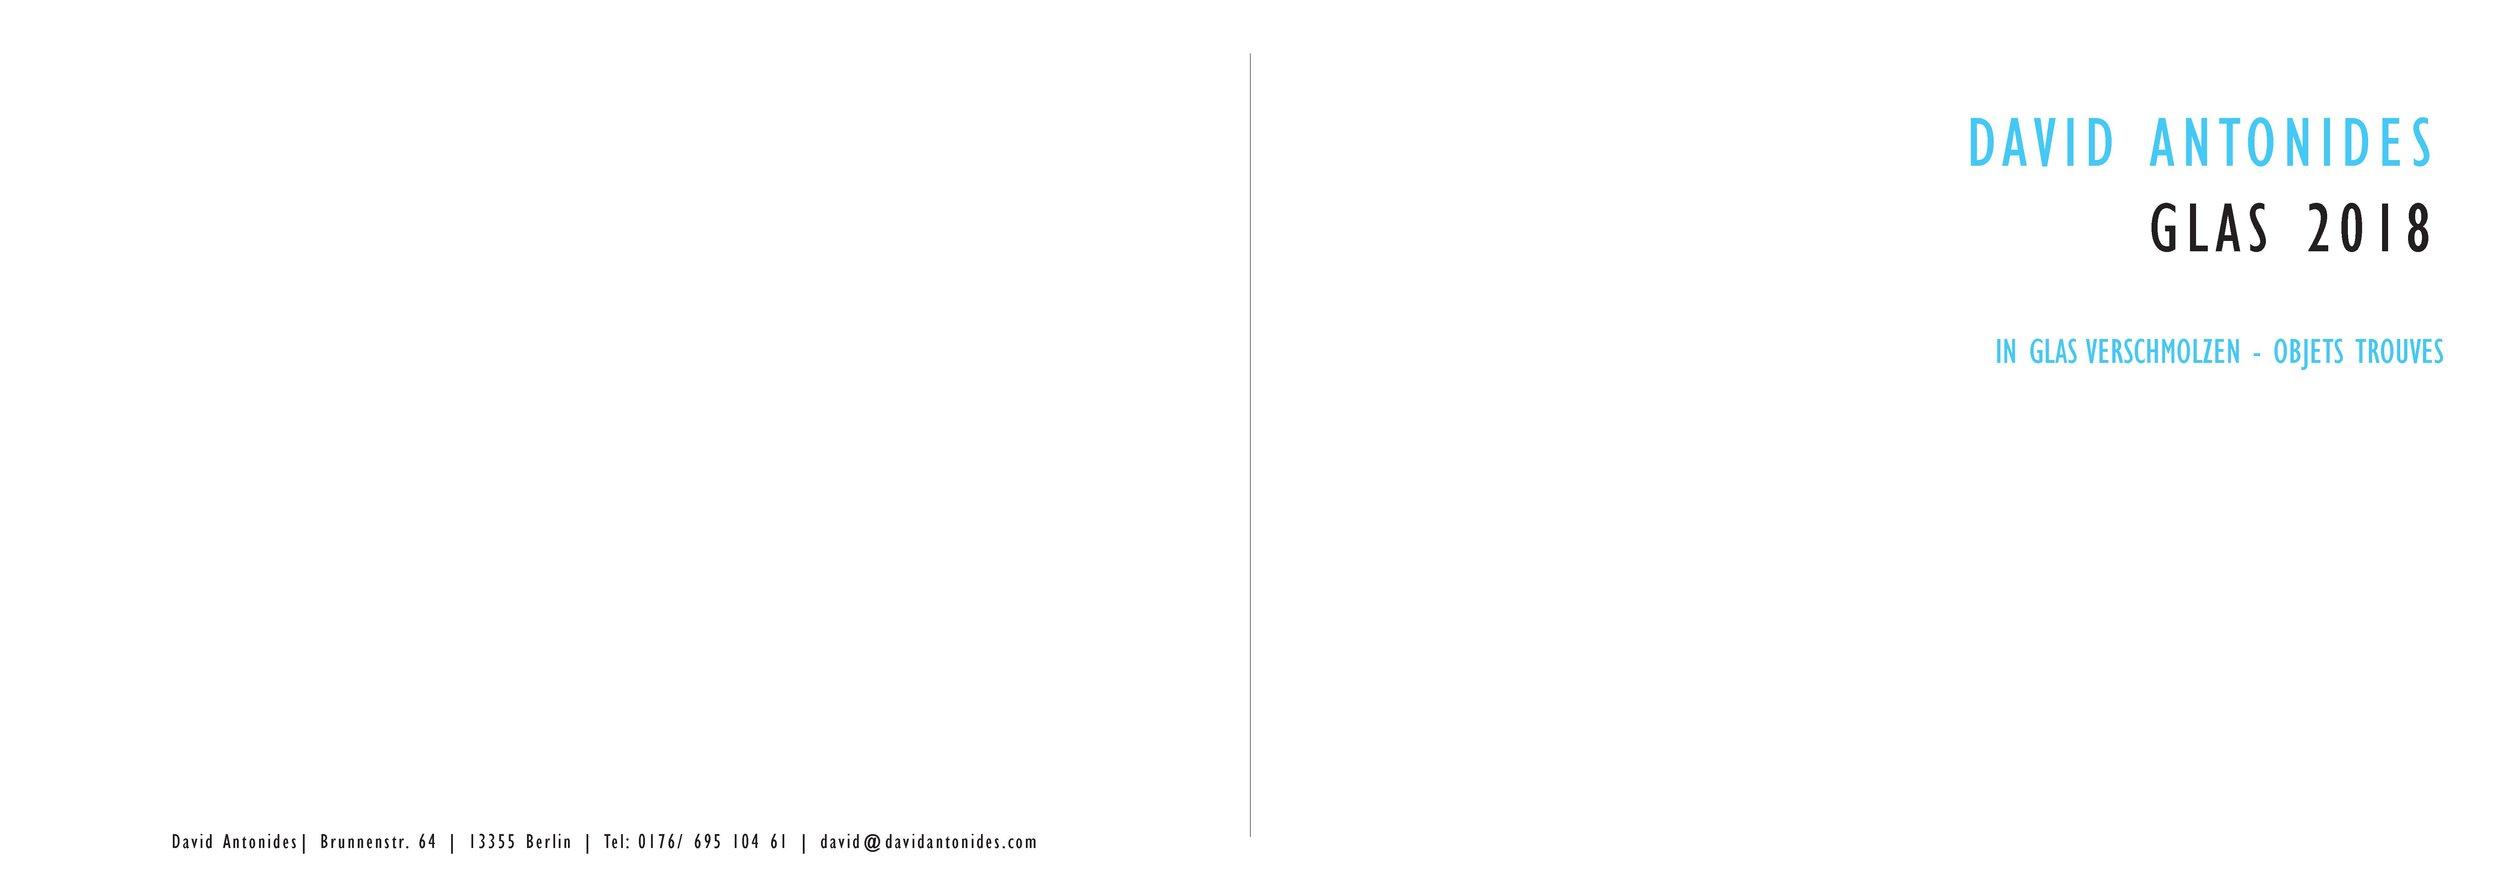 Portfolio Glas 2018 - David Antonides_02.jpg